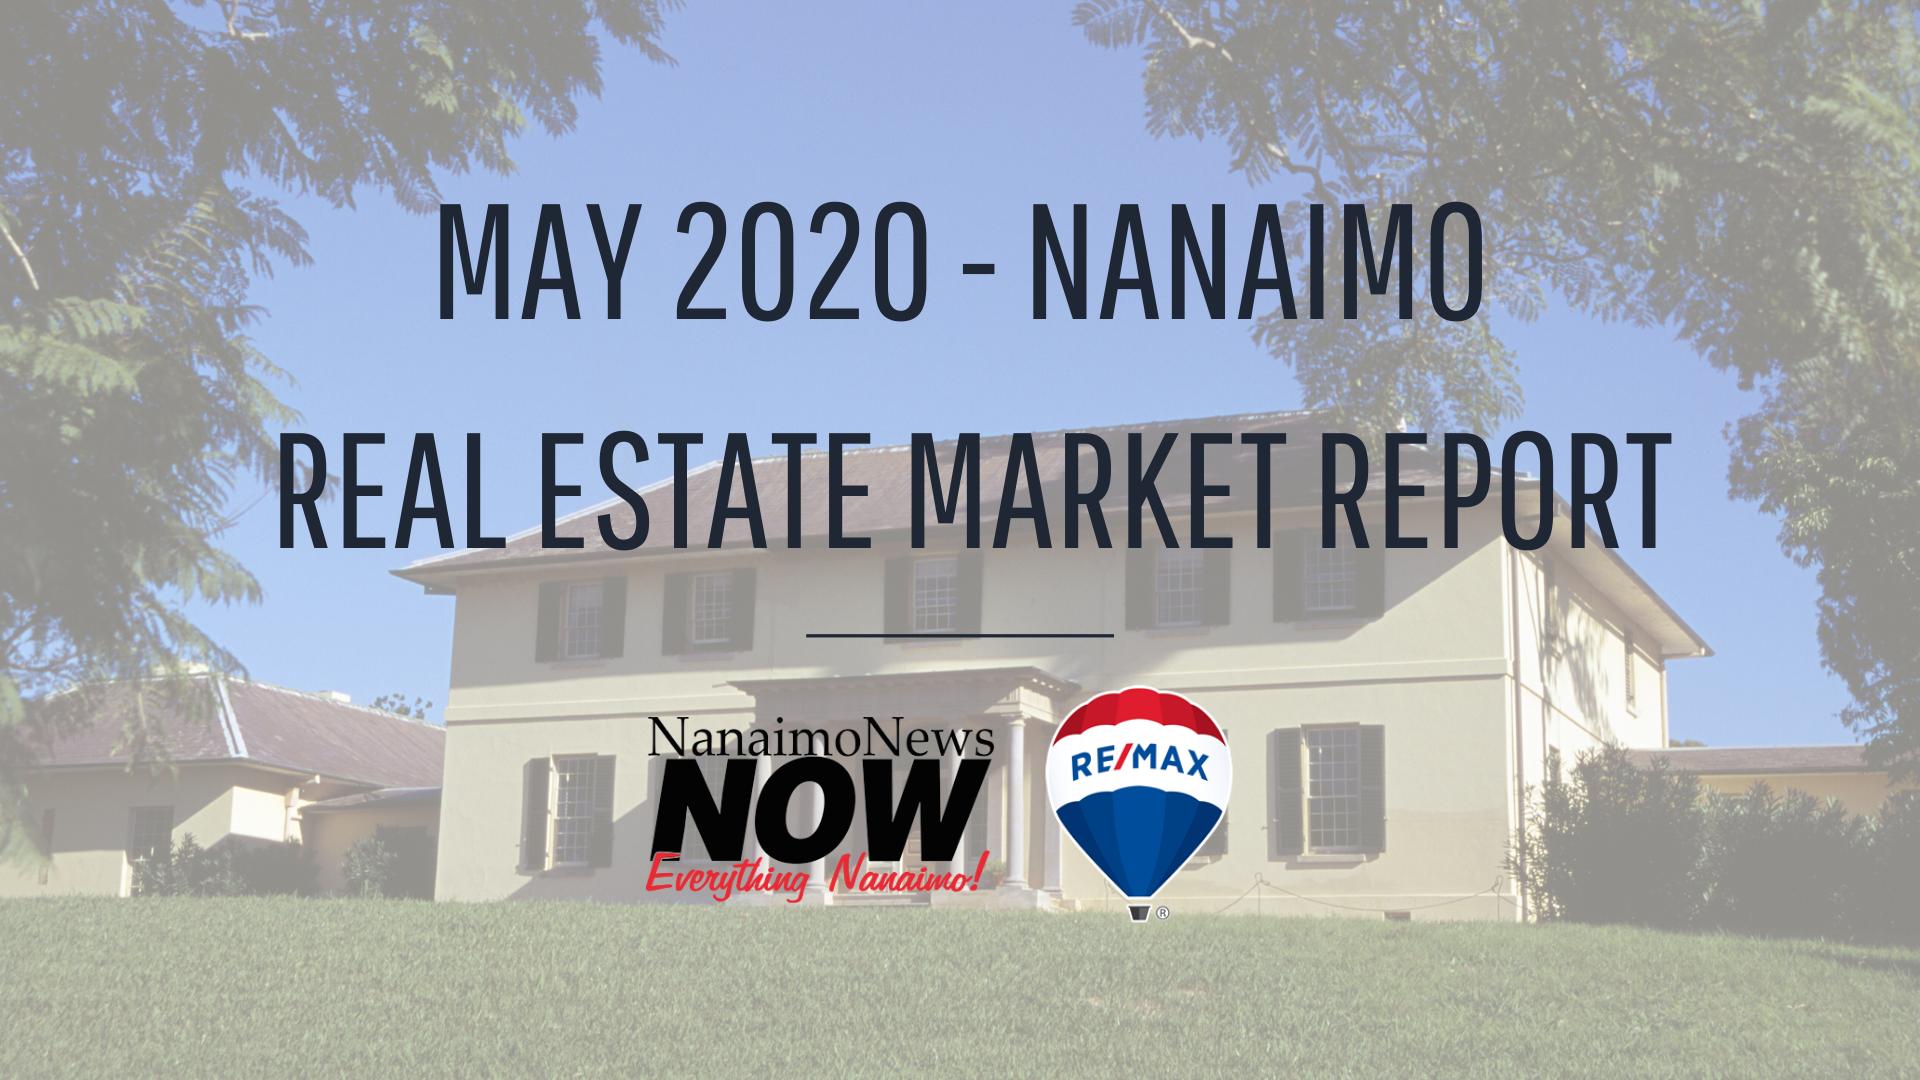 Nanaimo Real Estate Market Report: May 2020